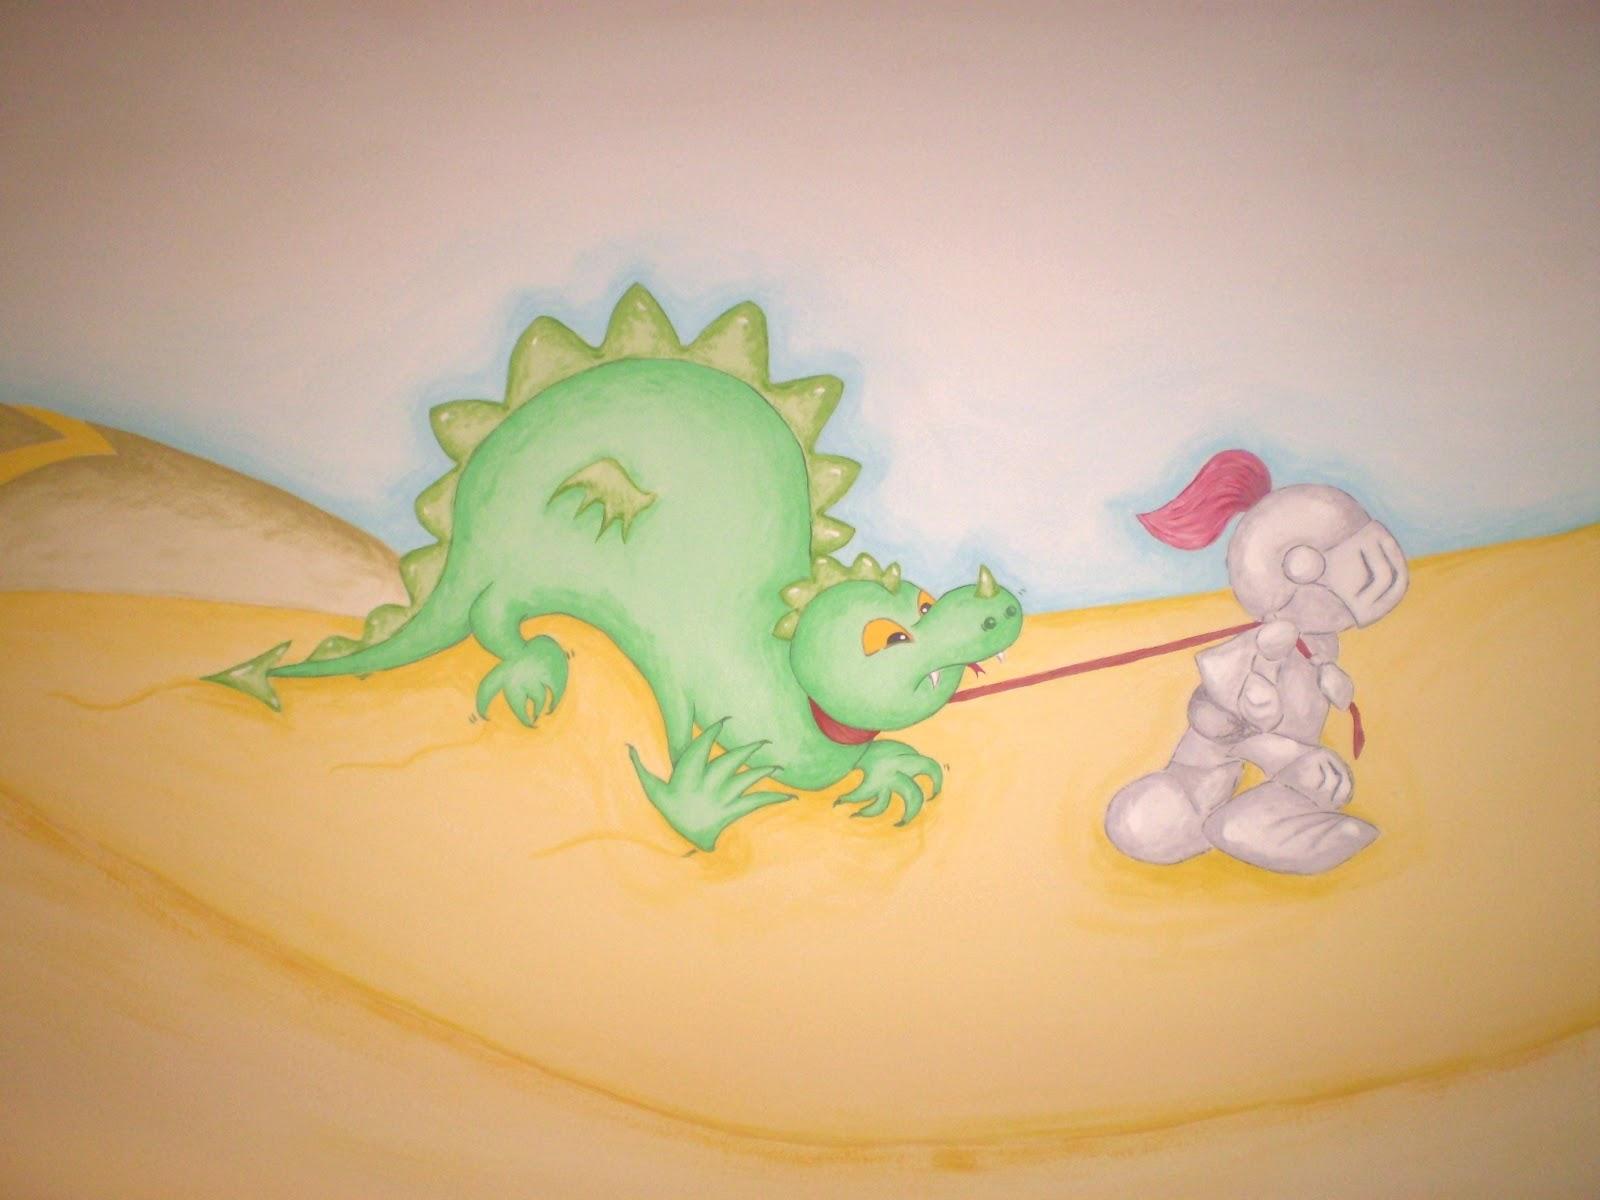 Murales infantiles pintados a mano 11 dormitorio de for Murales infantiles nina